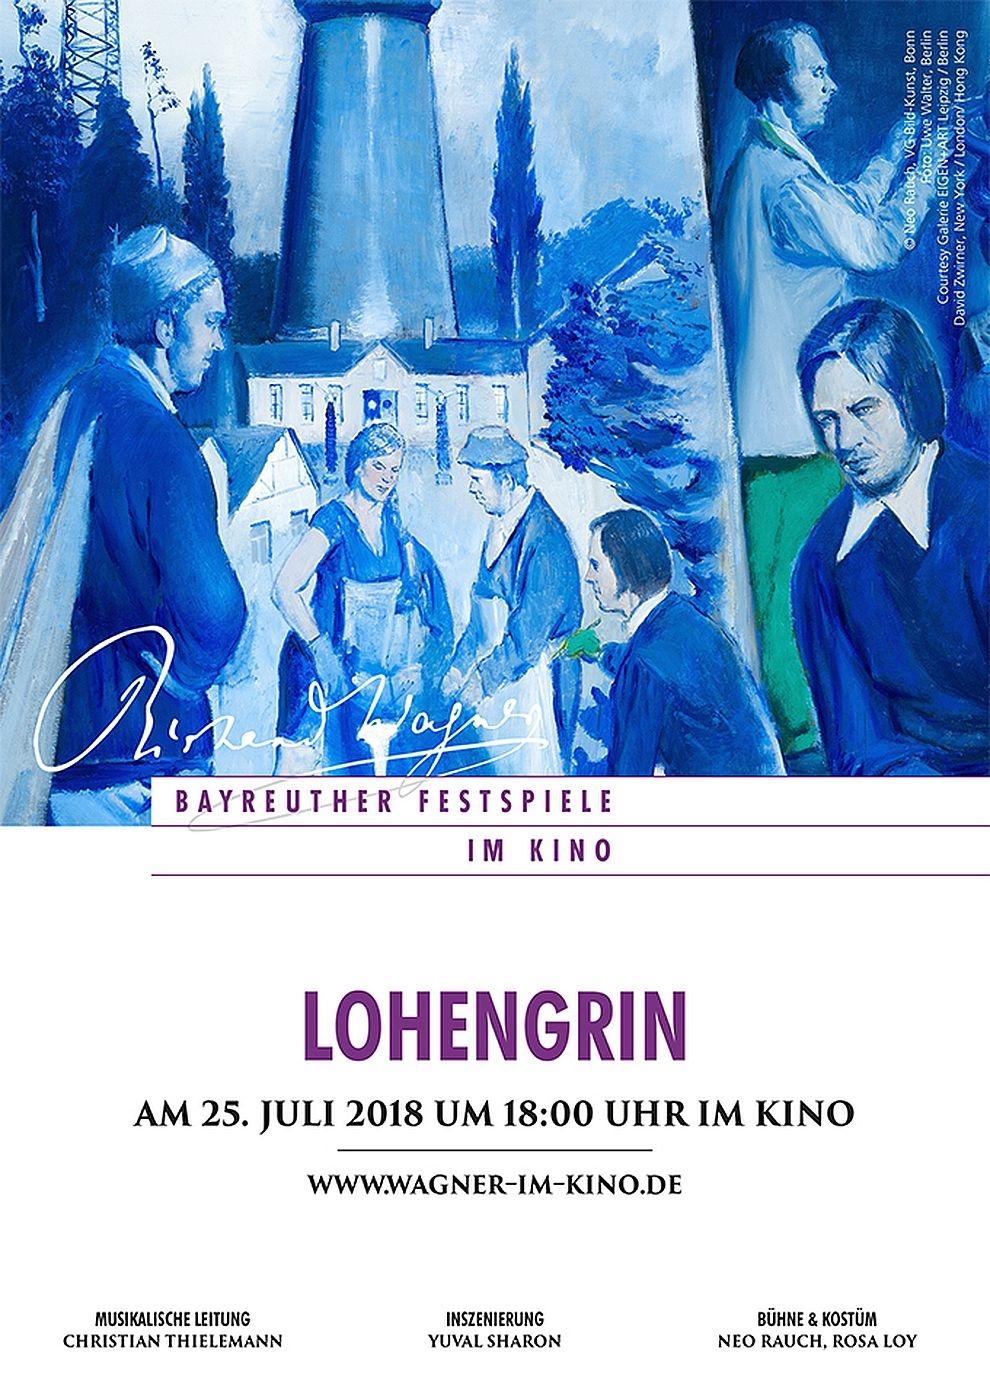 Bayreuther Festspiele 2018: Lohengrin (Poster)